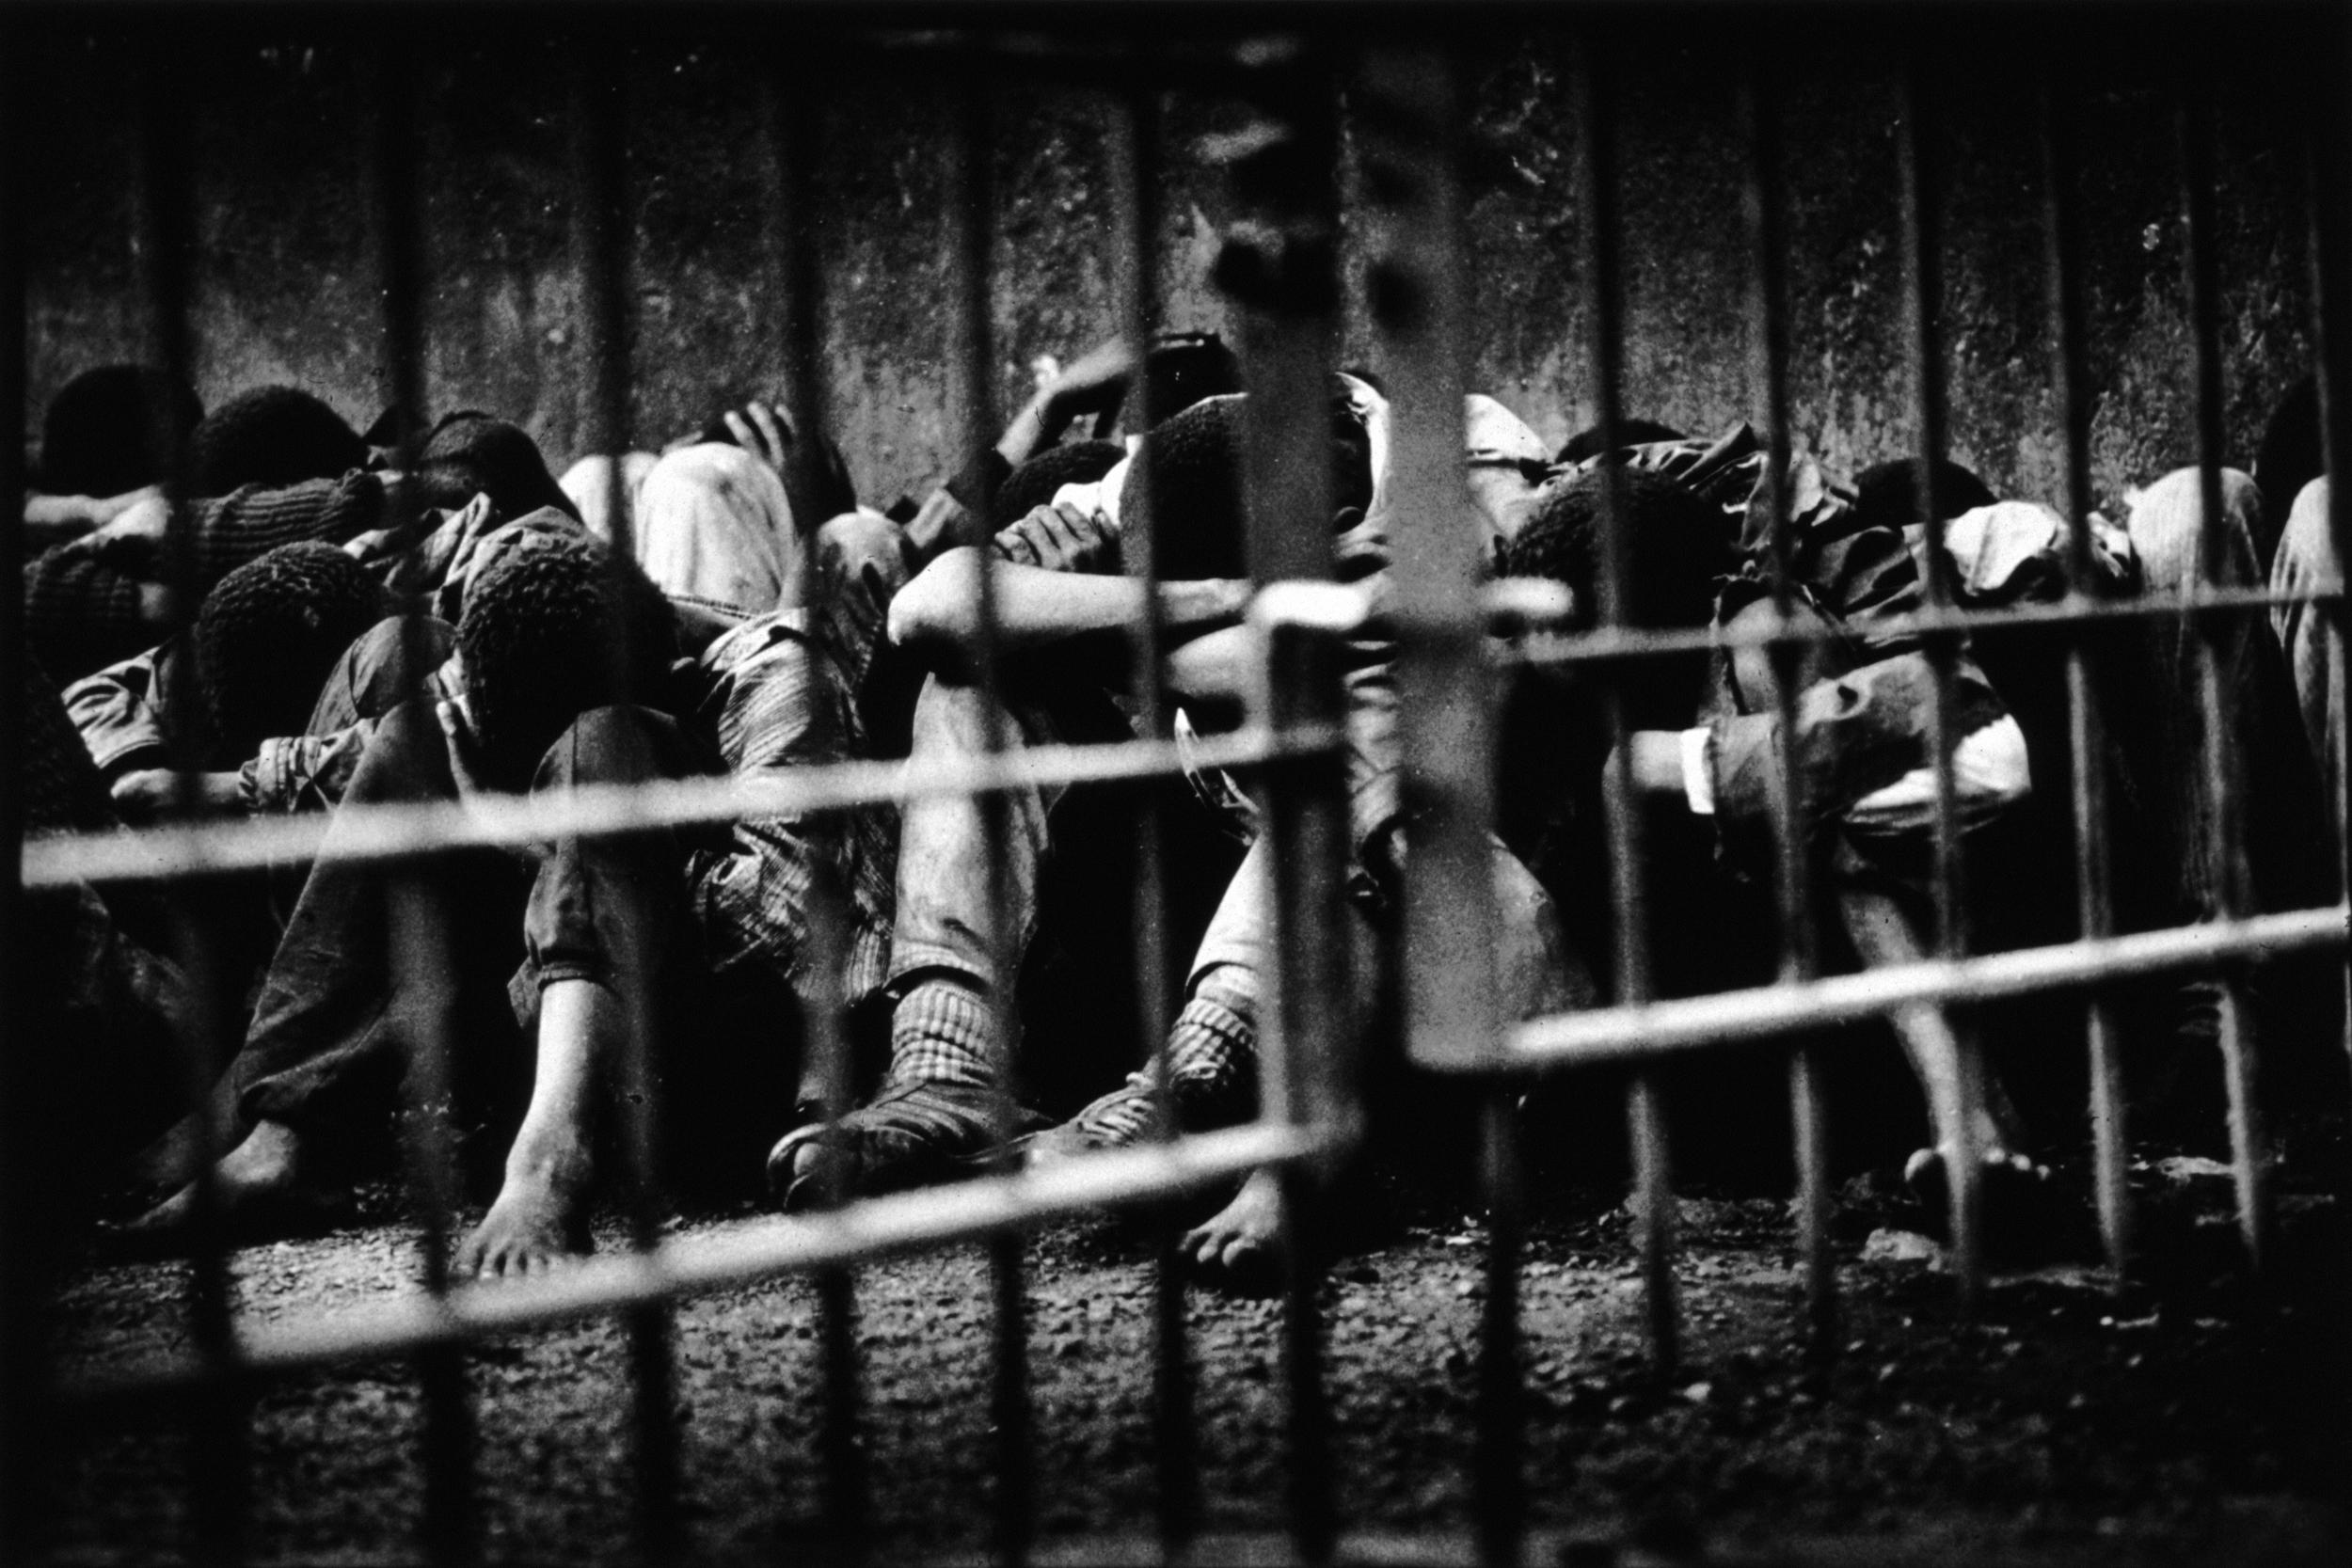 Street boys in custody